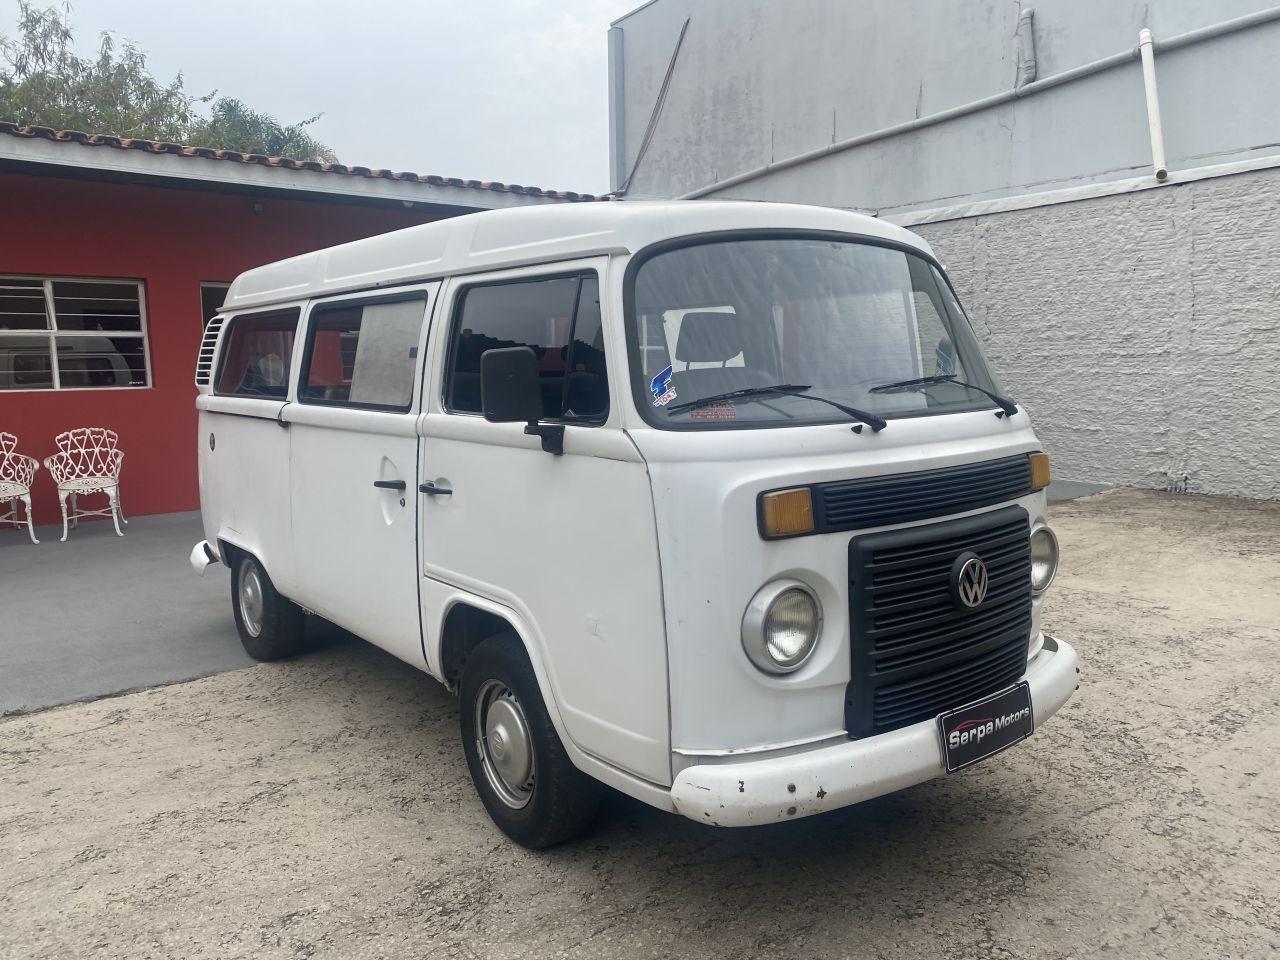 //www.autoline.com.br/carro/volkswagen/kombi-14-furgao-8v-flex-4p-manual/2011/itu-sp/15780588